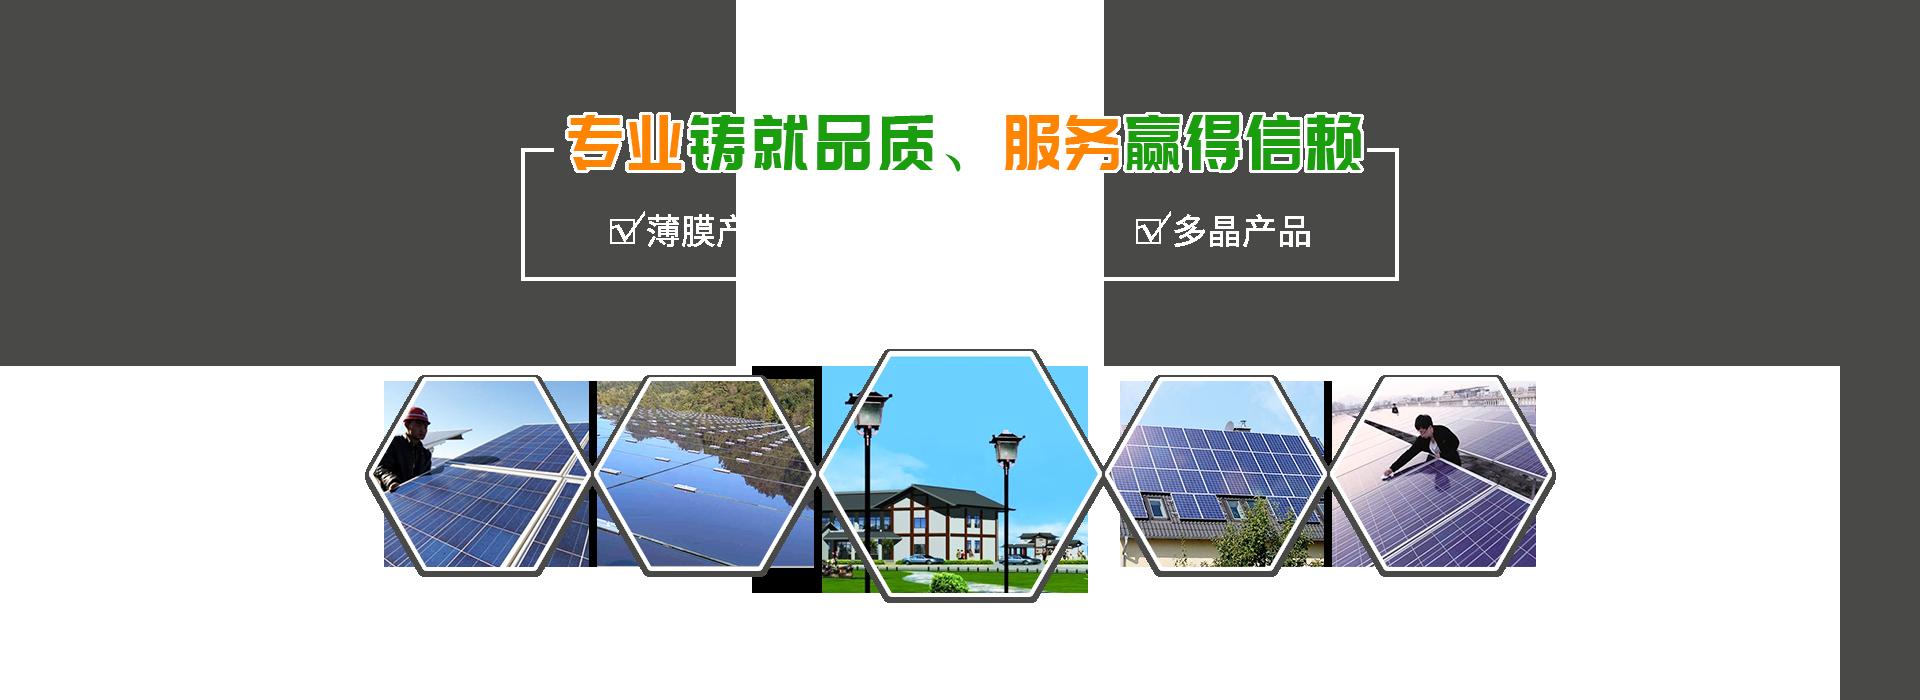 網站banner